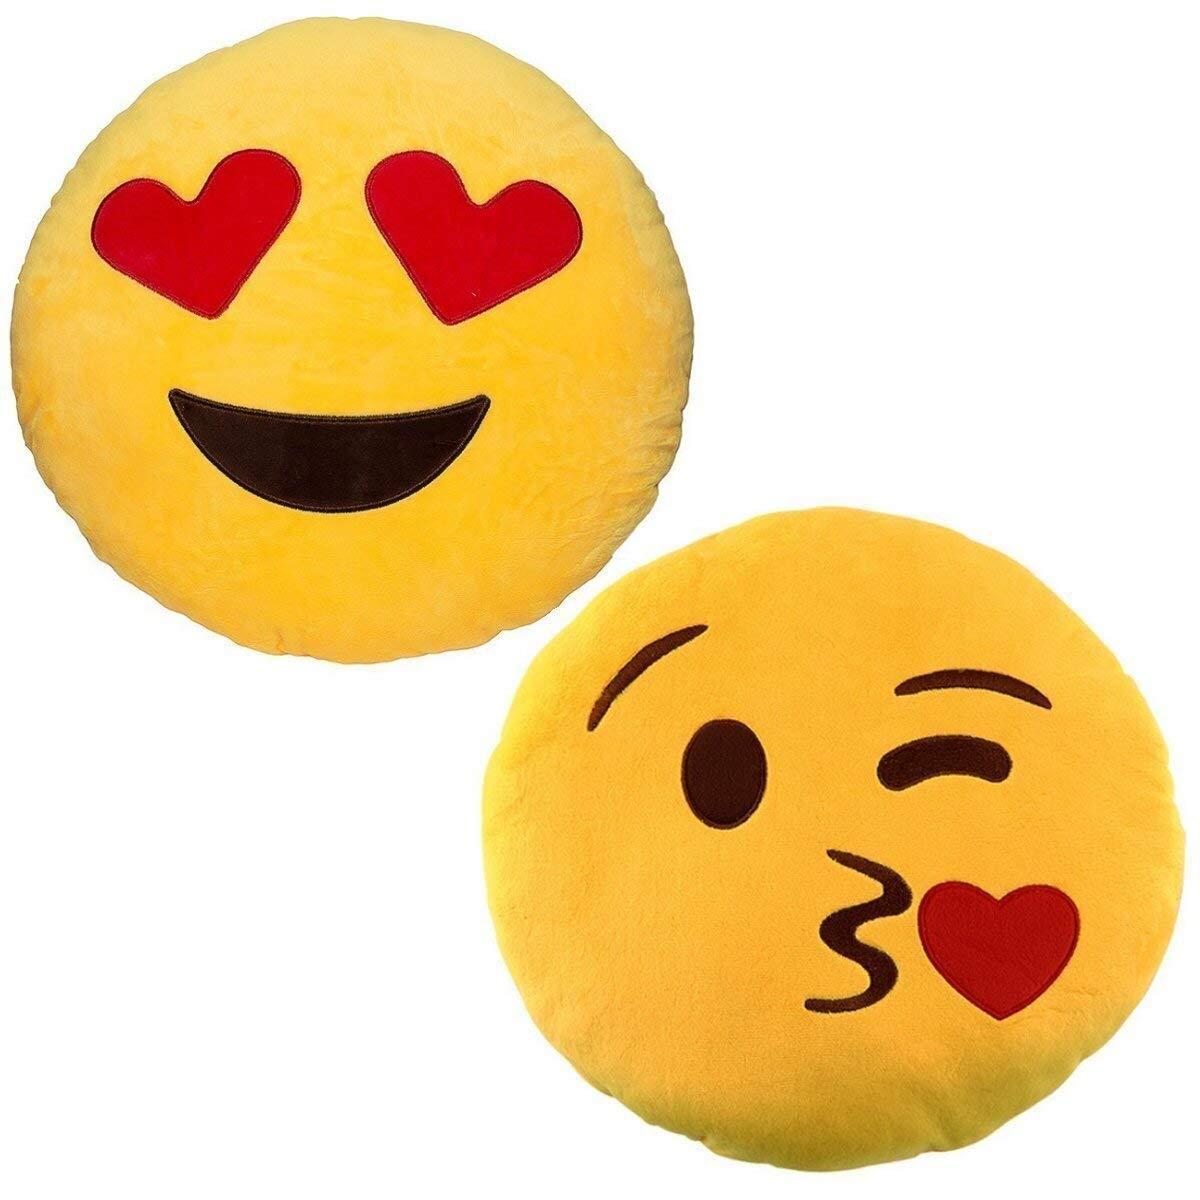 JZK 2 x Peluche farcie Coussin Emoji coup baiser + Coussin Emoji amour coeur yeux, 32cm 12 Emoji oreiller emoticon coussin oreiller Emoji cadeau jouet accessoire